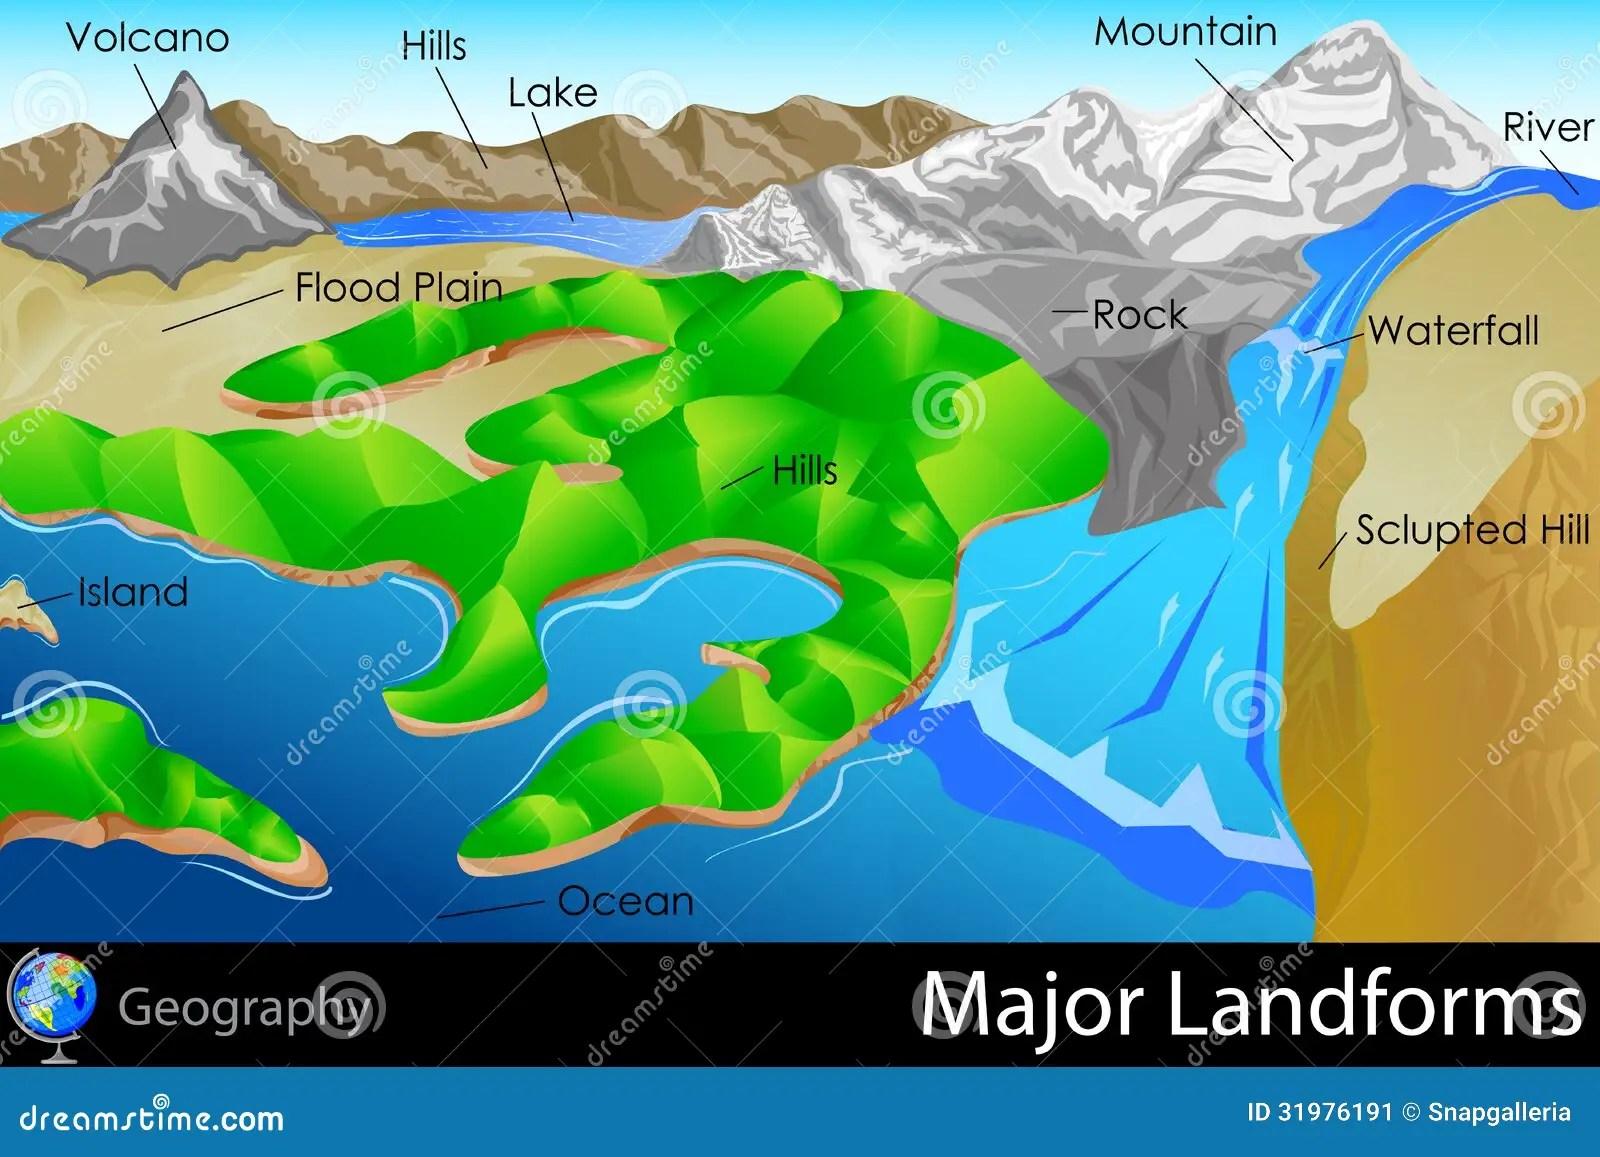 Major Landforms Cartoon Vector